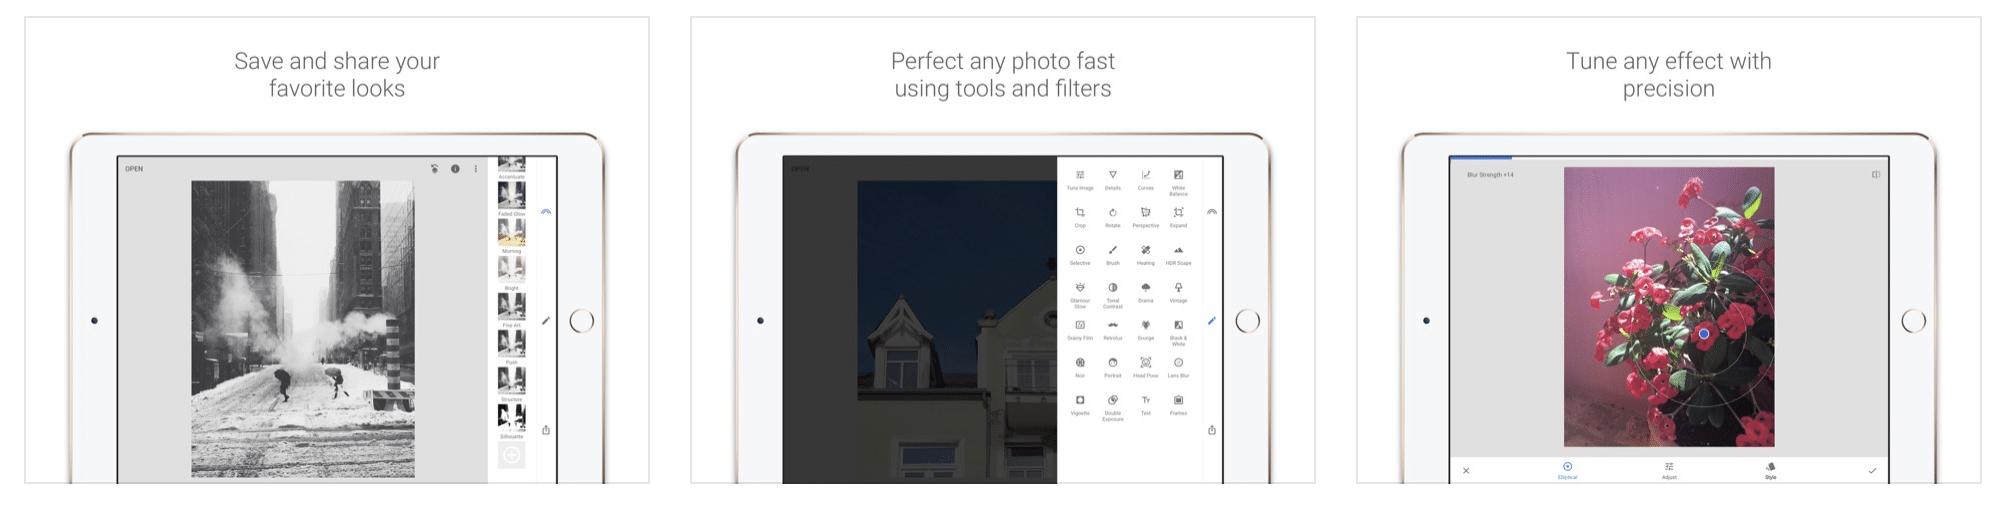 Приложение для редактирования фотографий файлов Snapseed JPG и RAW